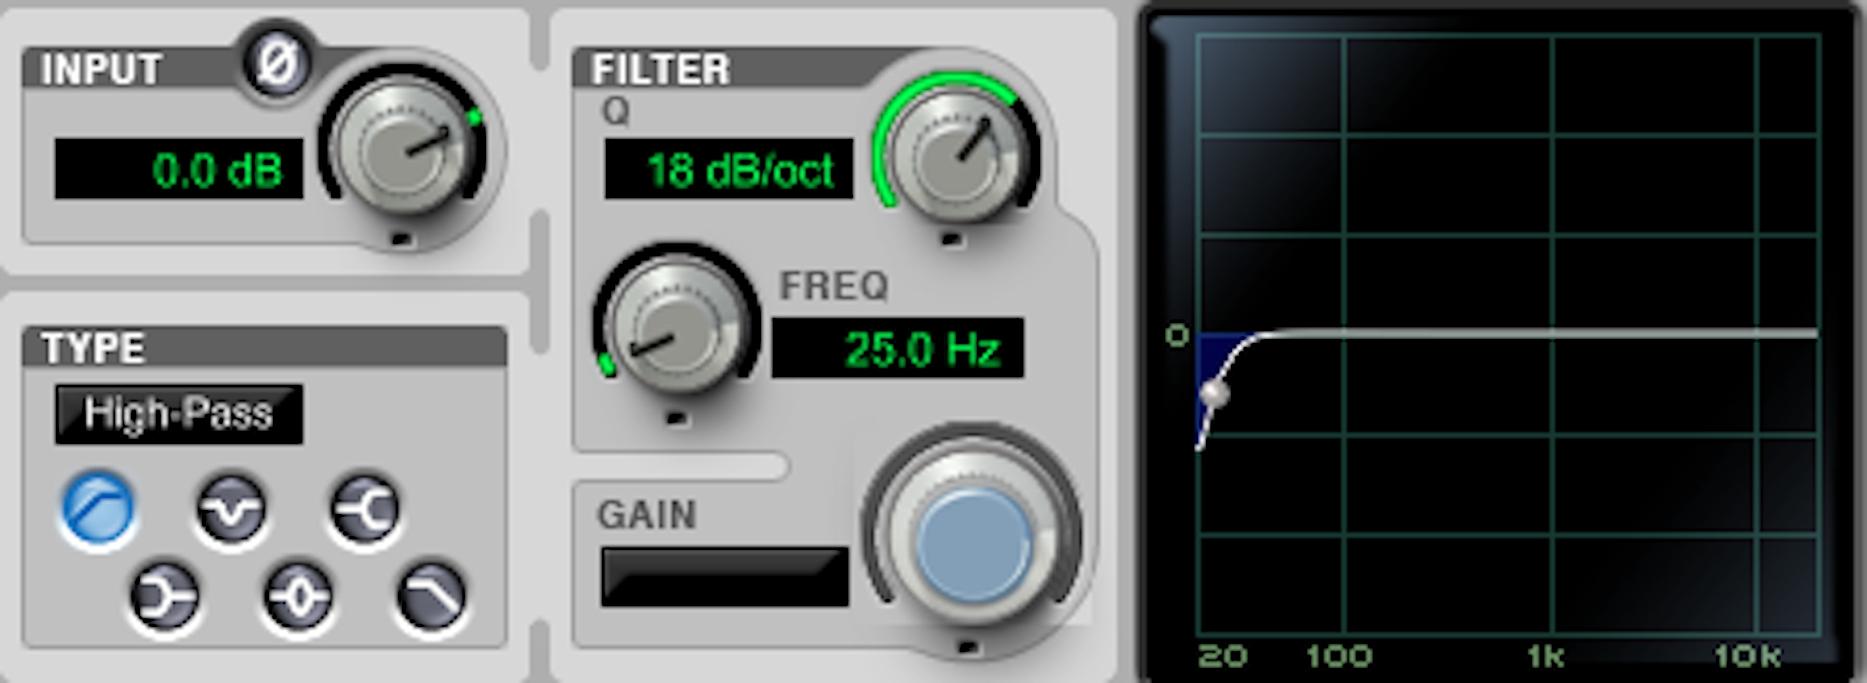 EQ Mastering Age of Audio - La catena di mastering: l'uso dei filtri